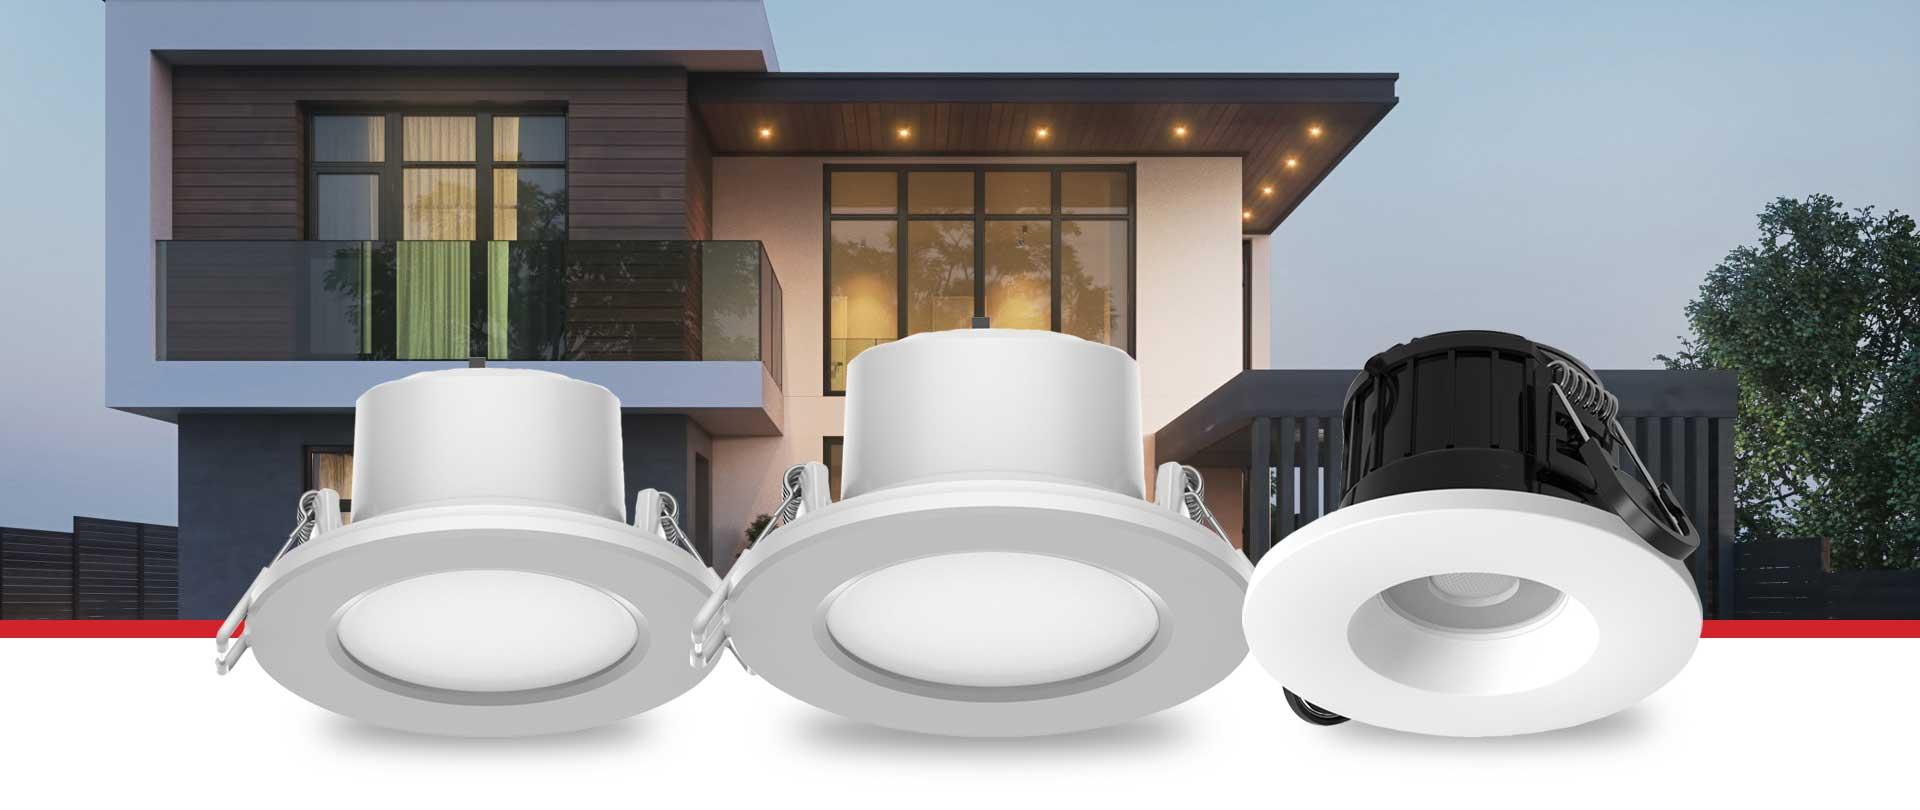 Prelux Monza II LED Downlight